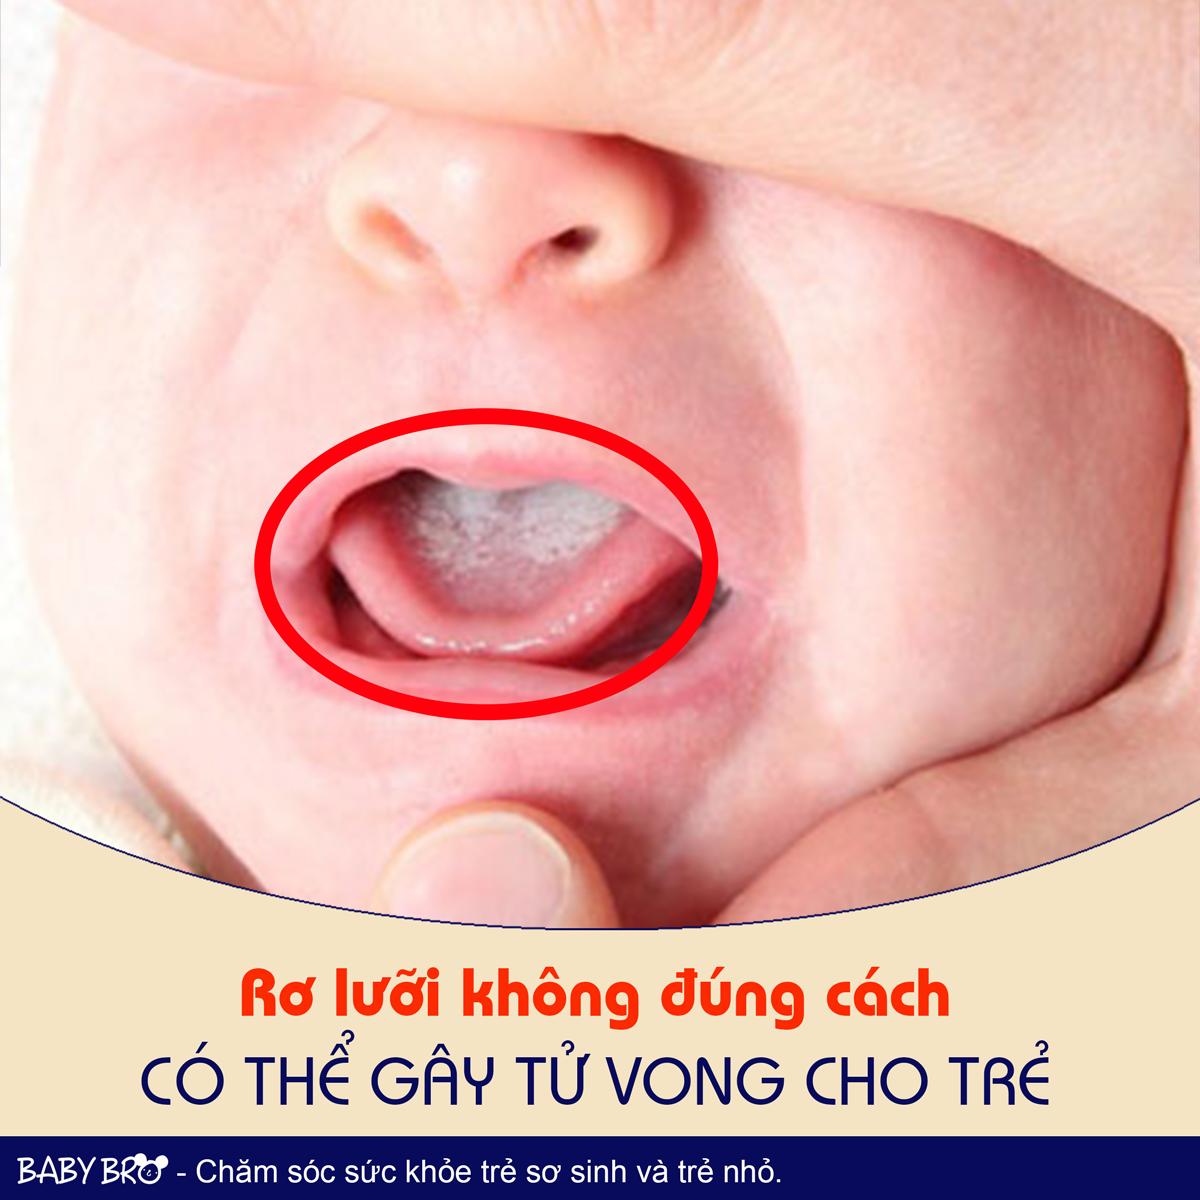 Rơ lưỡi không đúng cách có thể gây tử vong cho trẻ.